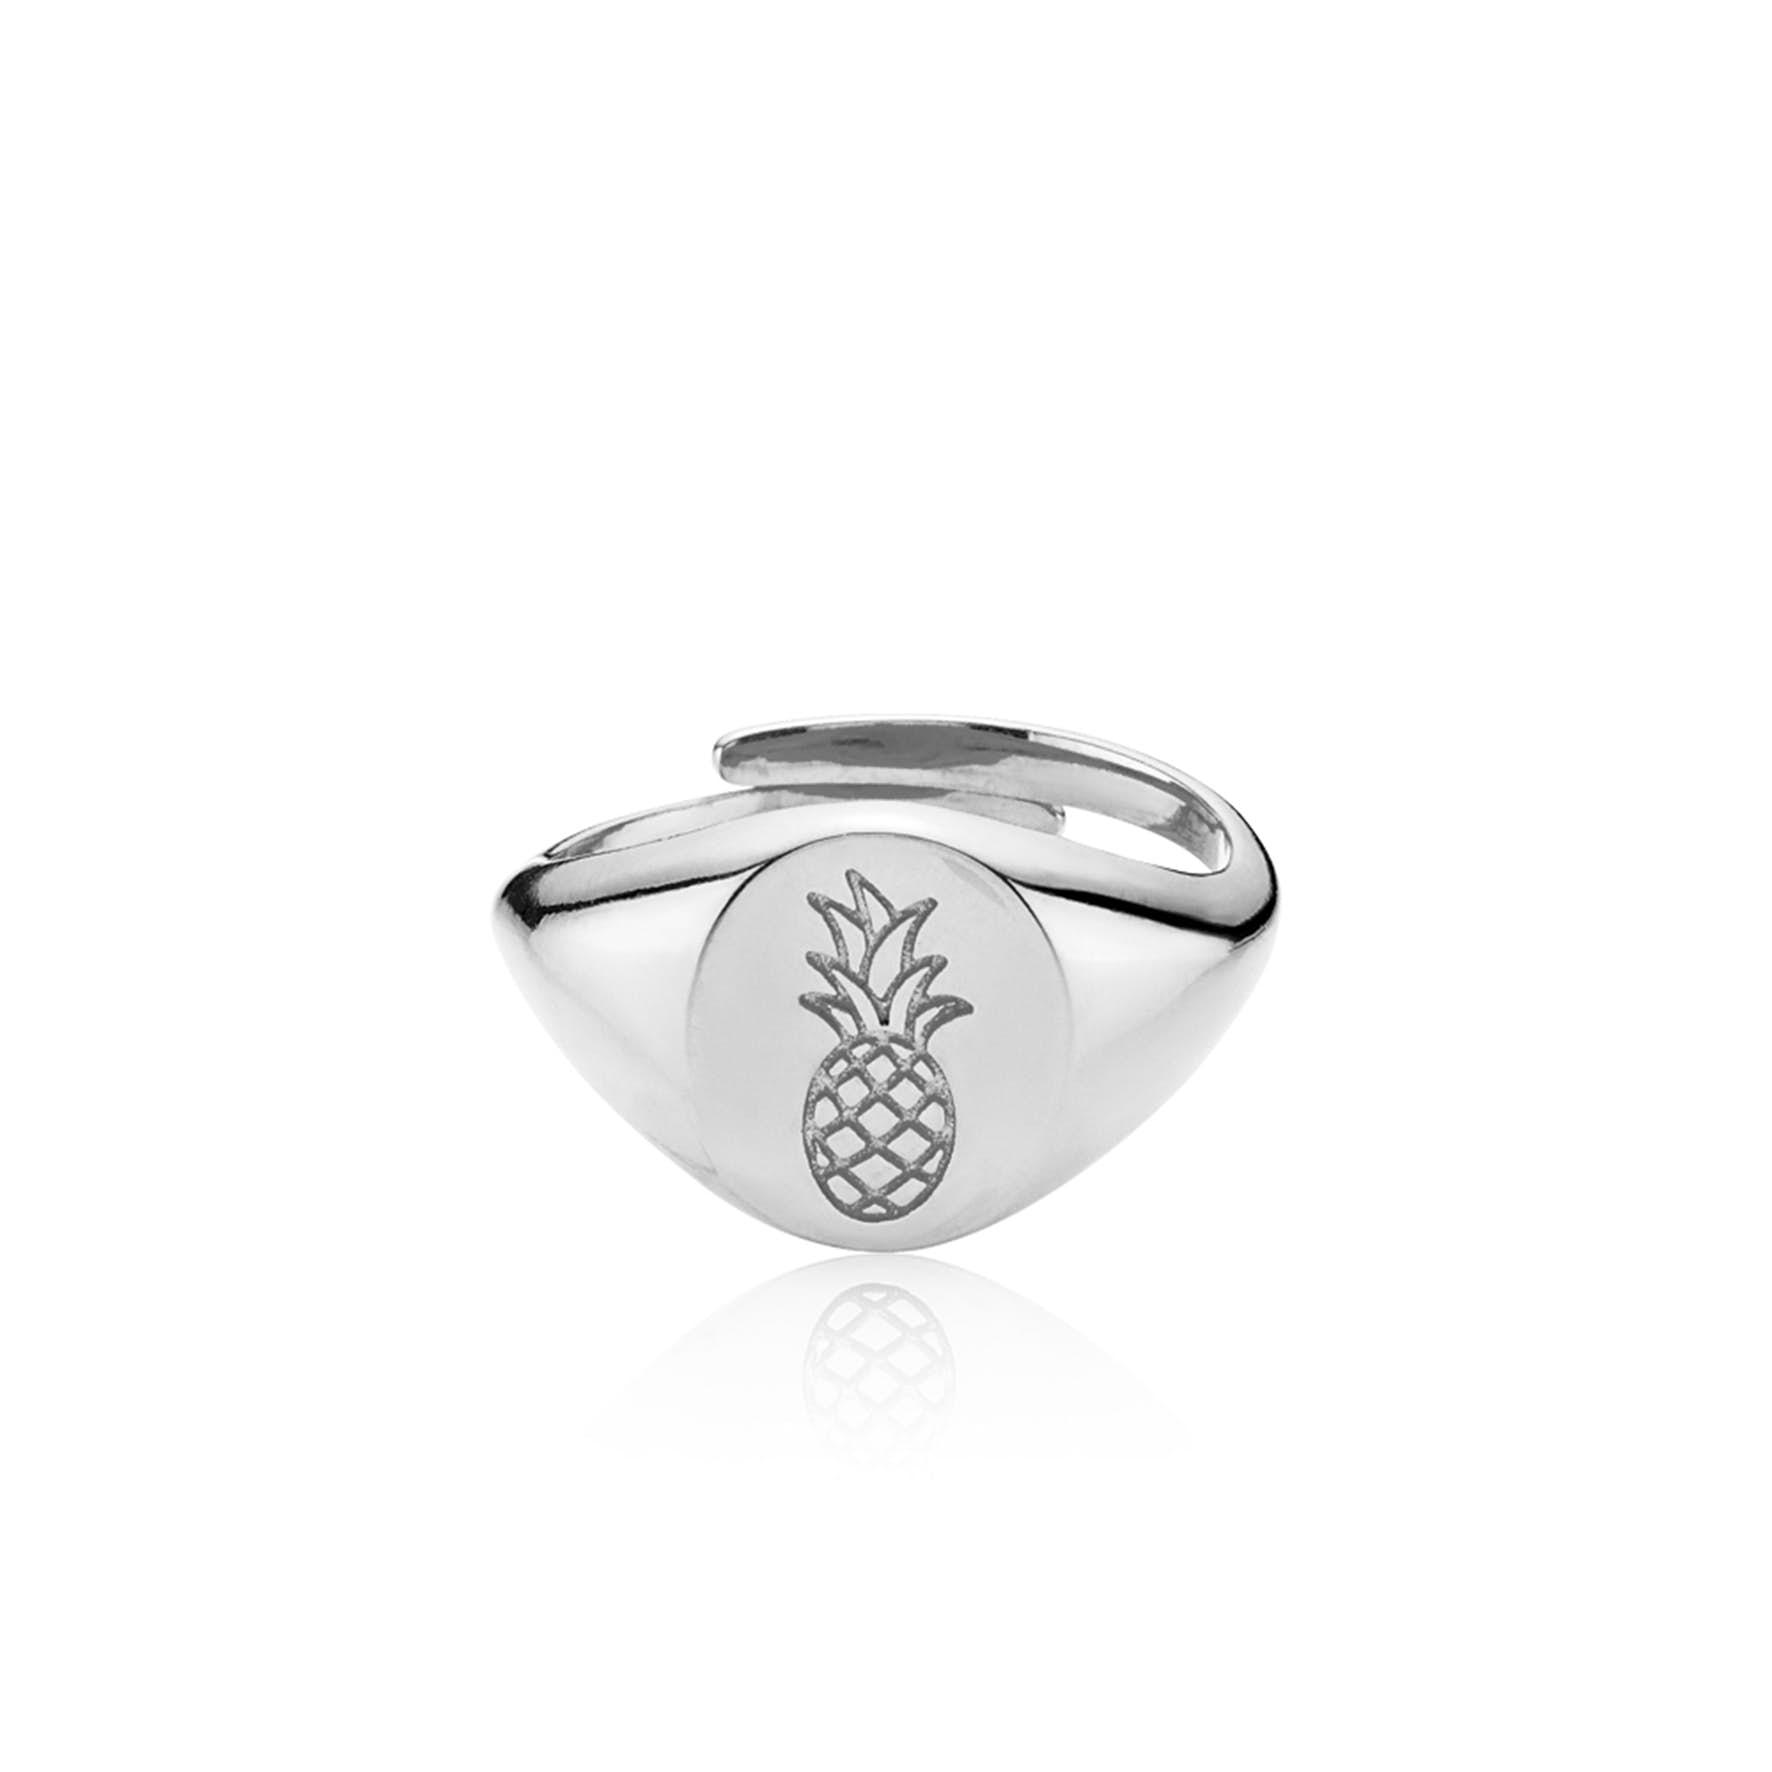 Anna By Sistie Round Ring fra Sistie i Sølv Sterling 925